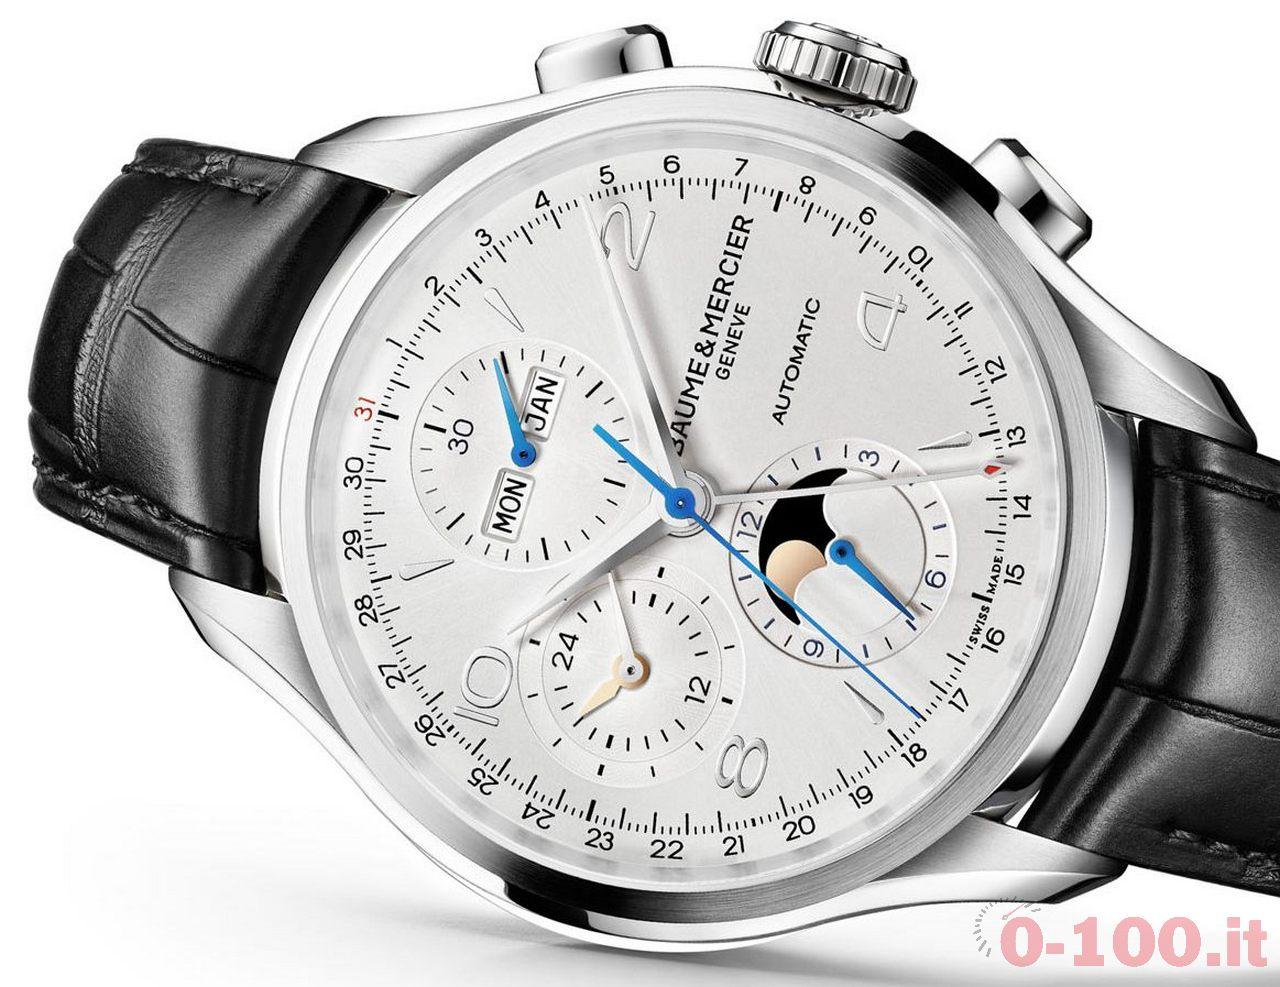 anteprima-sihh-2016-baume-et-mercier-clifton-chronograph-complete-calendar-ref-m0a10278_0-1002